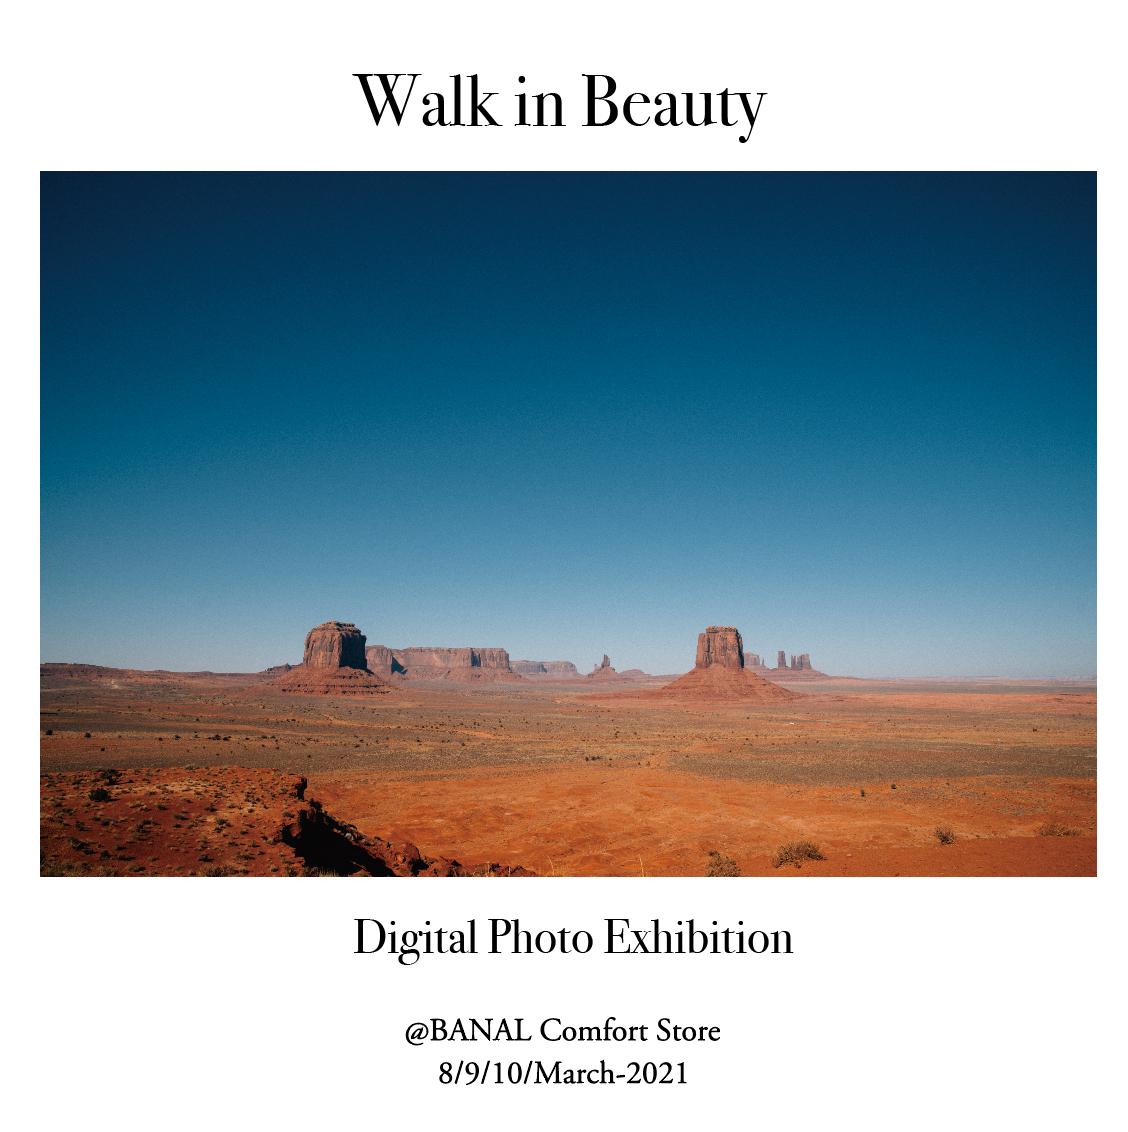 Digital Photo Exhibition 「Walk in Beauty」